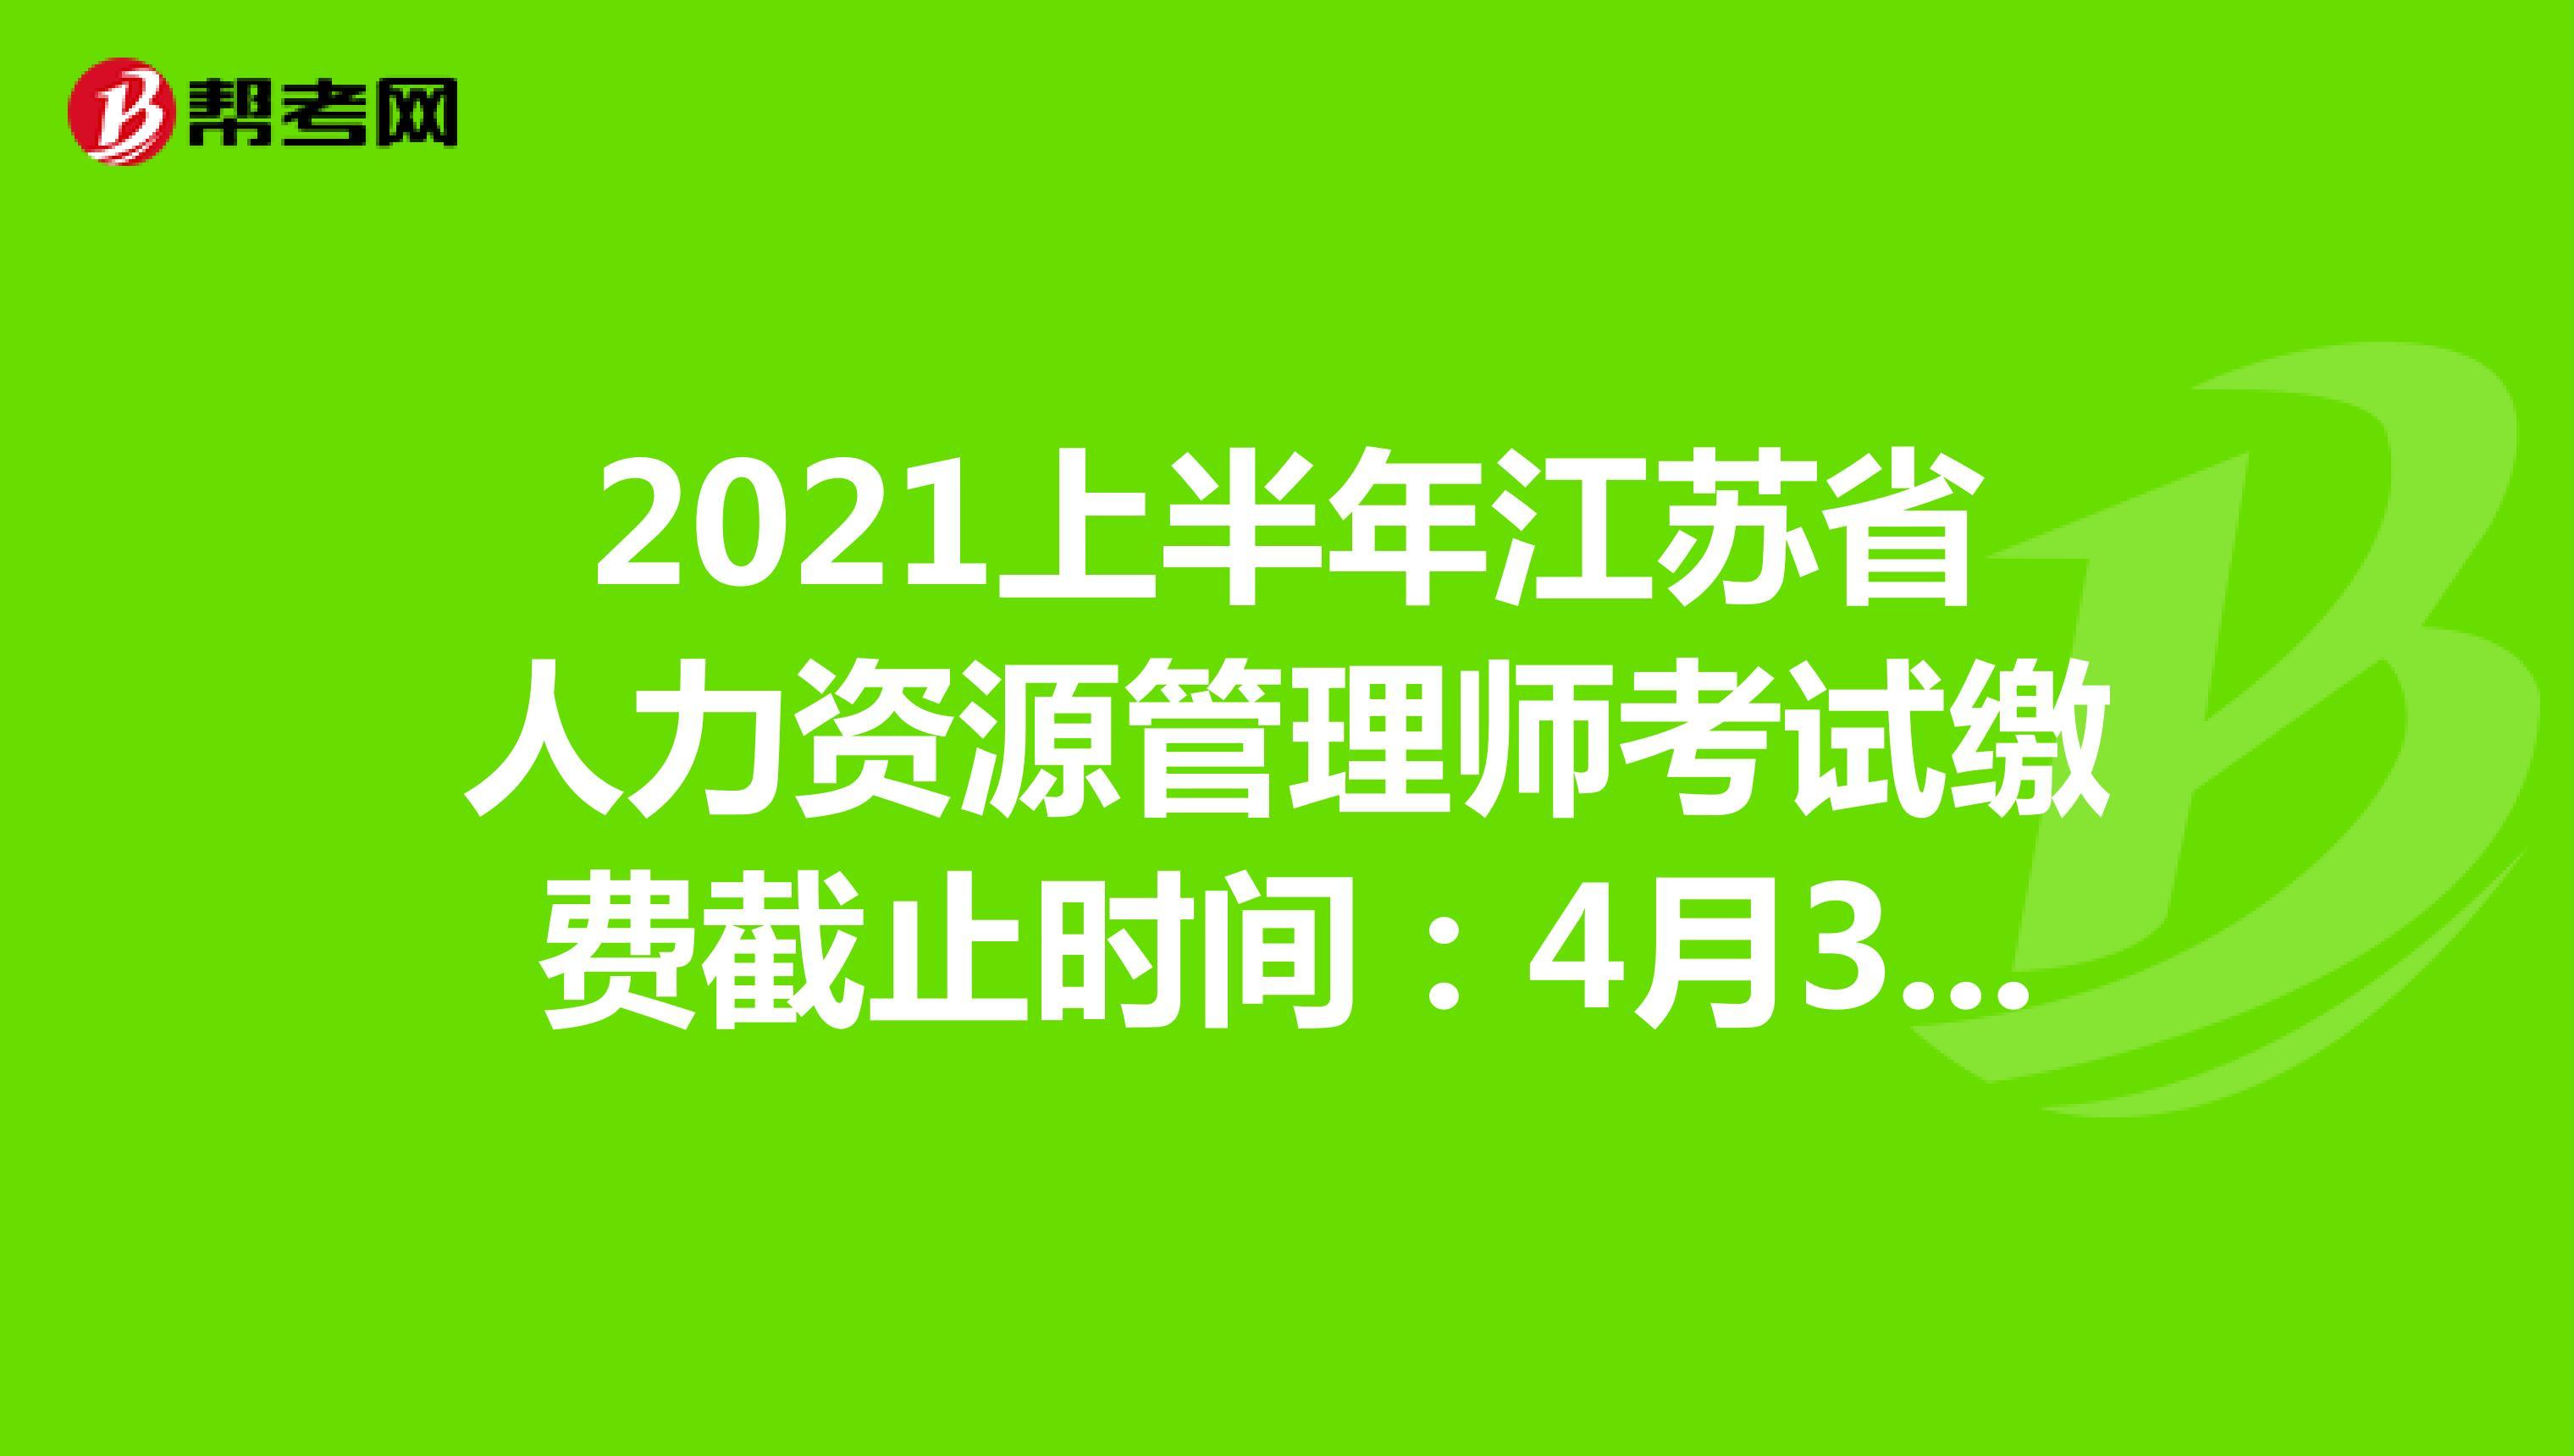 2021上半年江苏省人力资源管理师考试缴费截止时间:4月30日